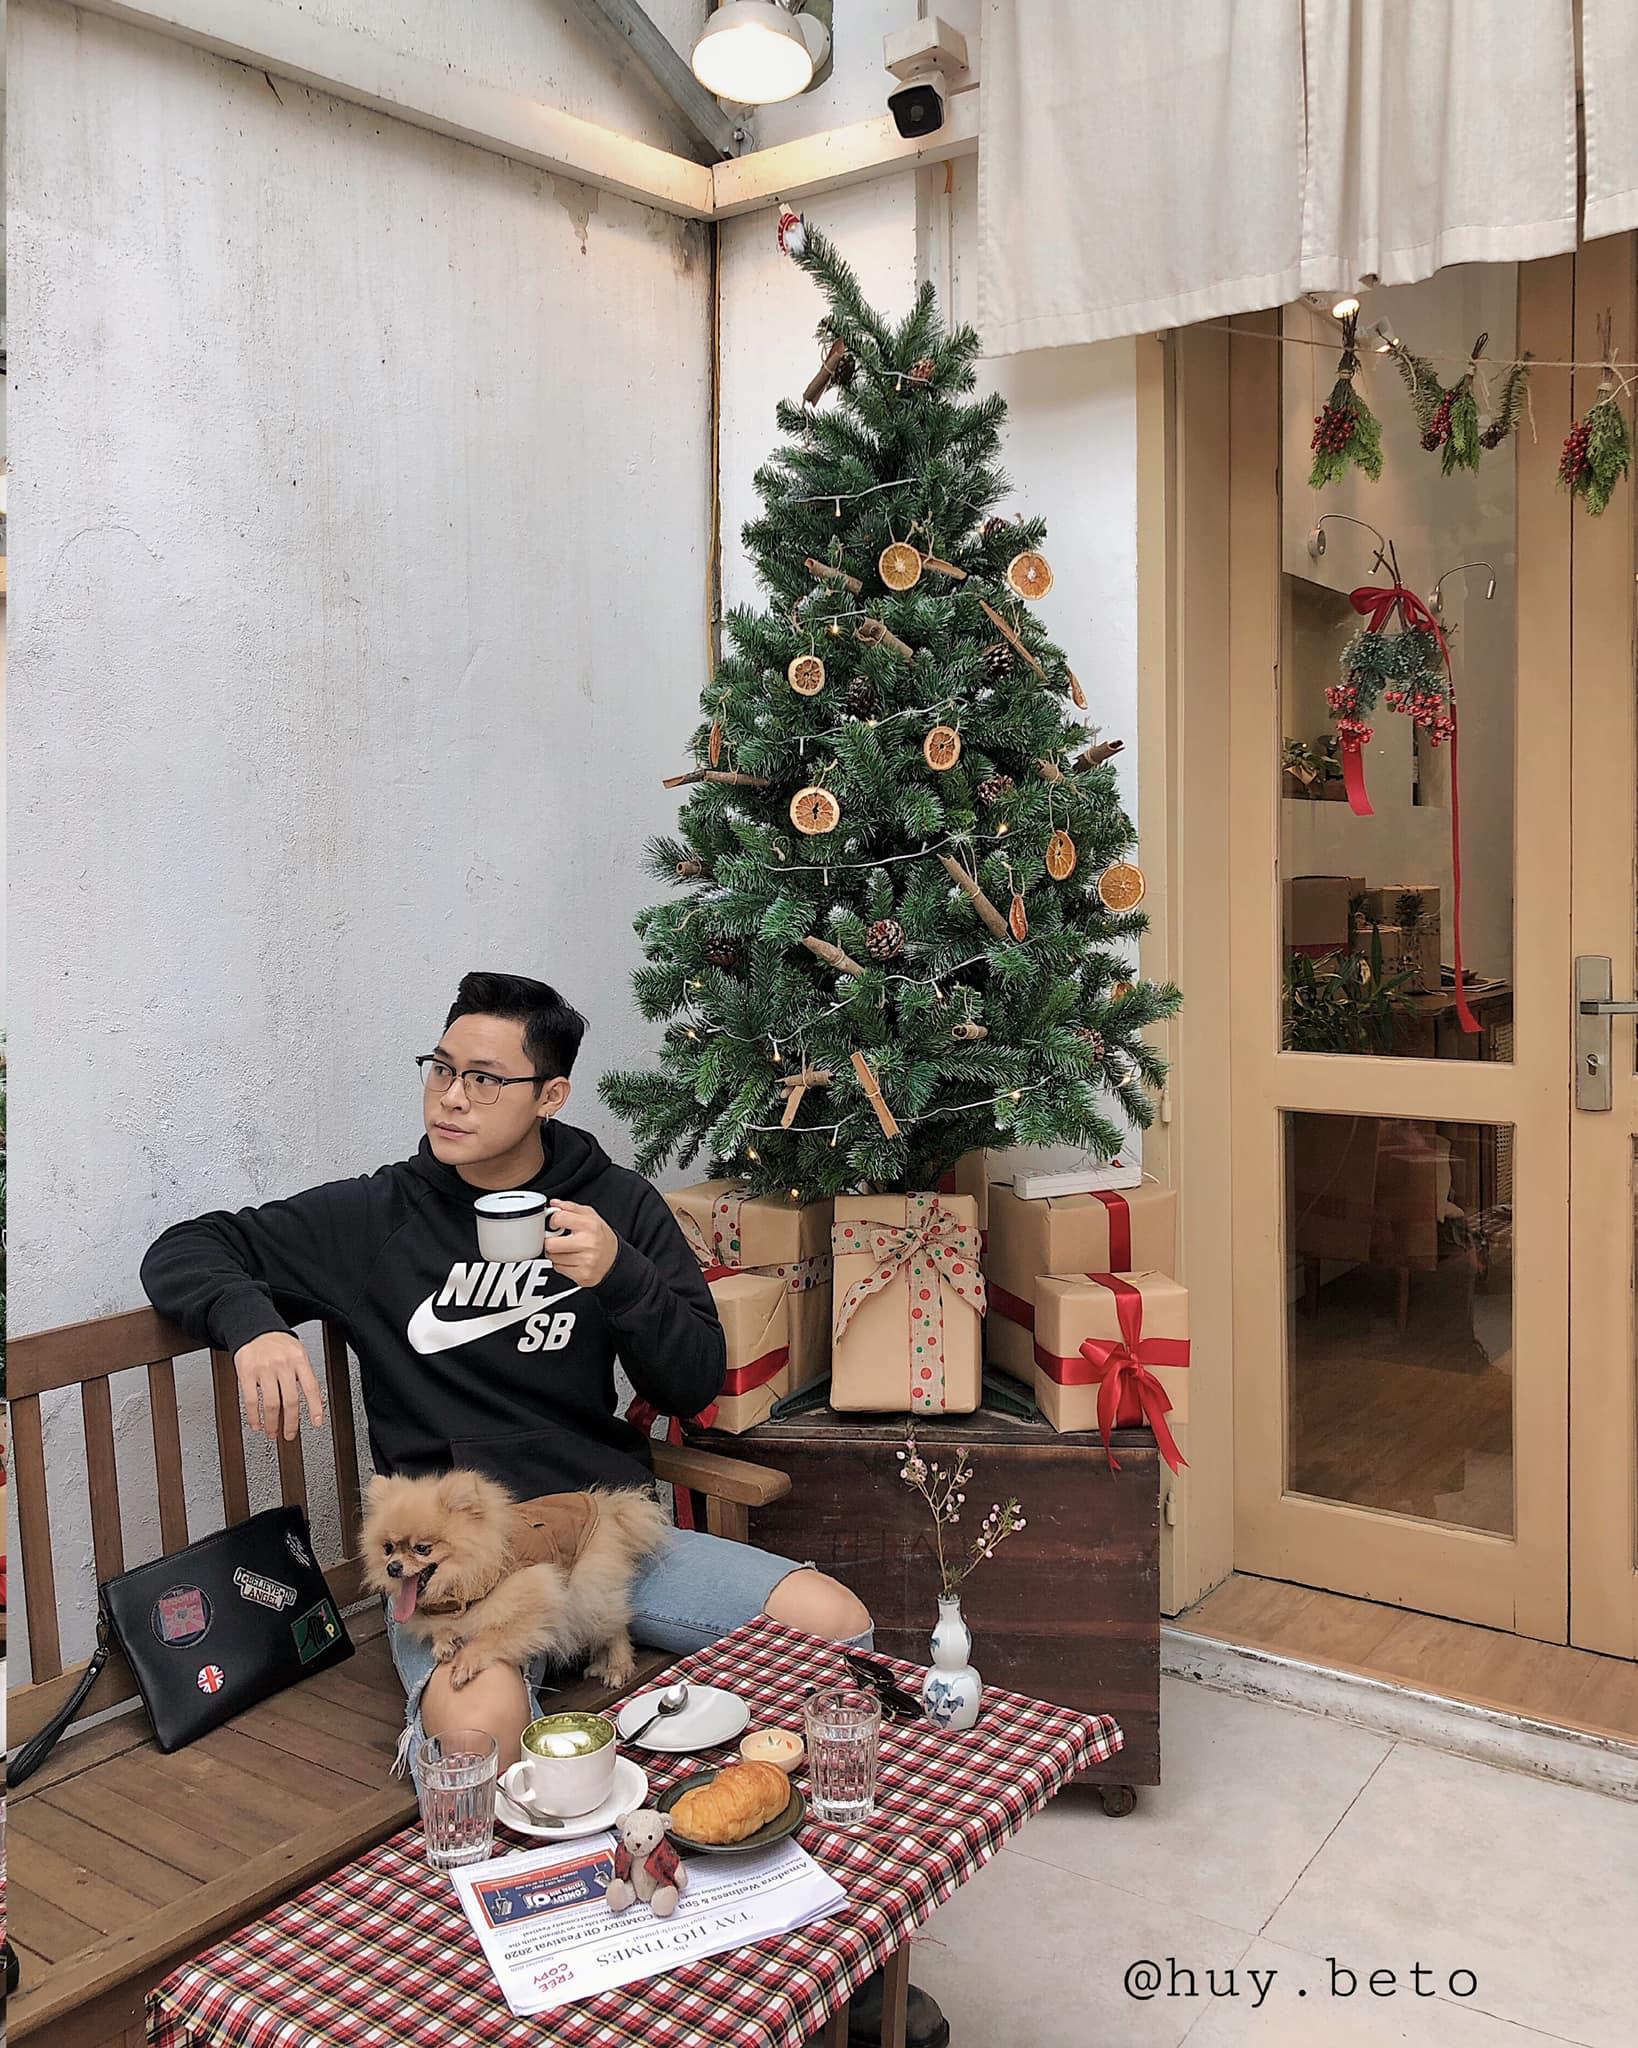 Bật mí các địa điểm đi chơi Noel ít người biết đến quanh Hà Nội  - Ảnh 9.